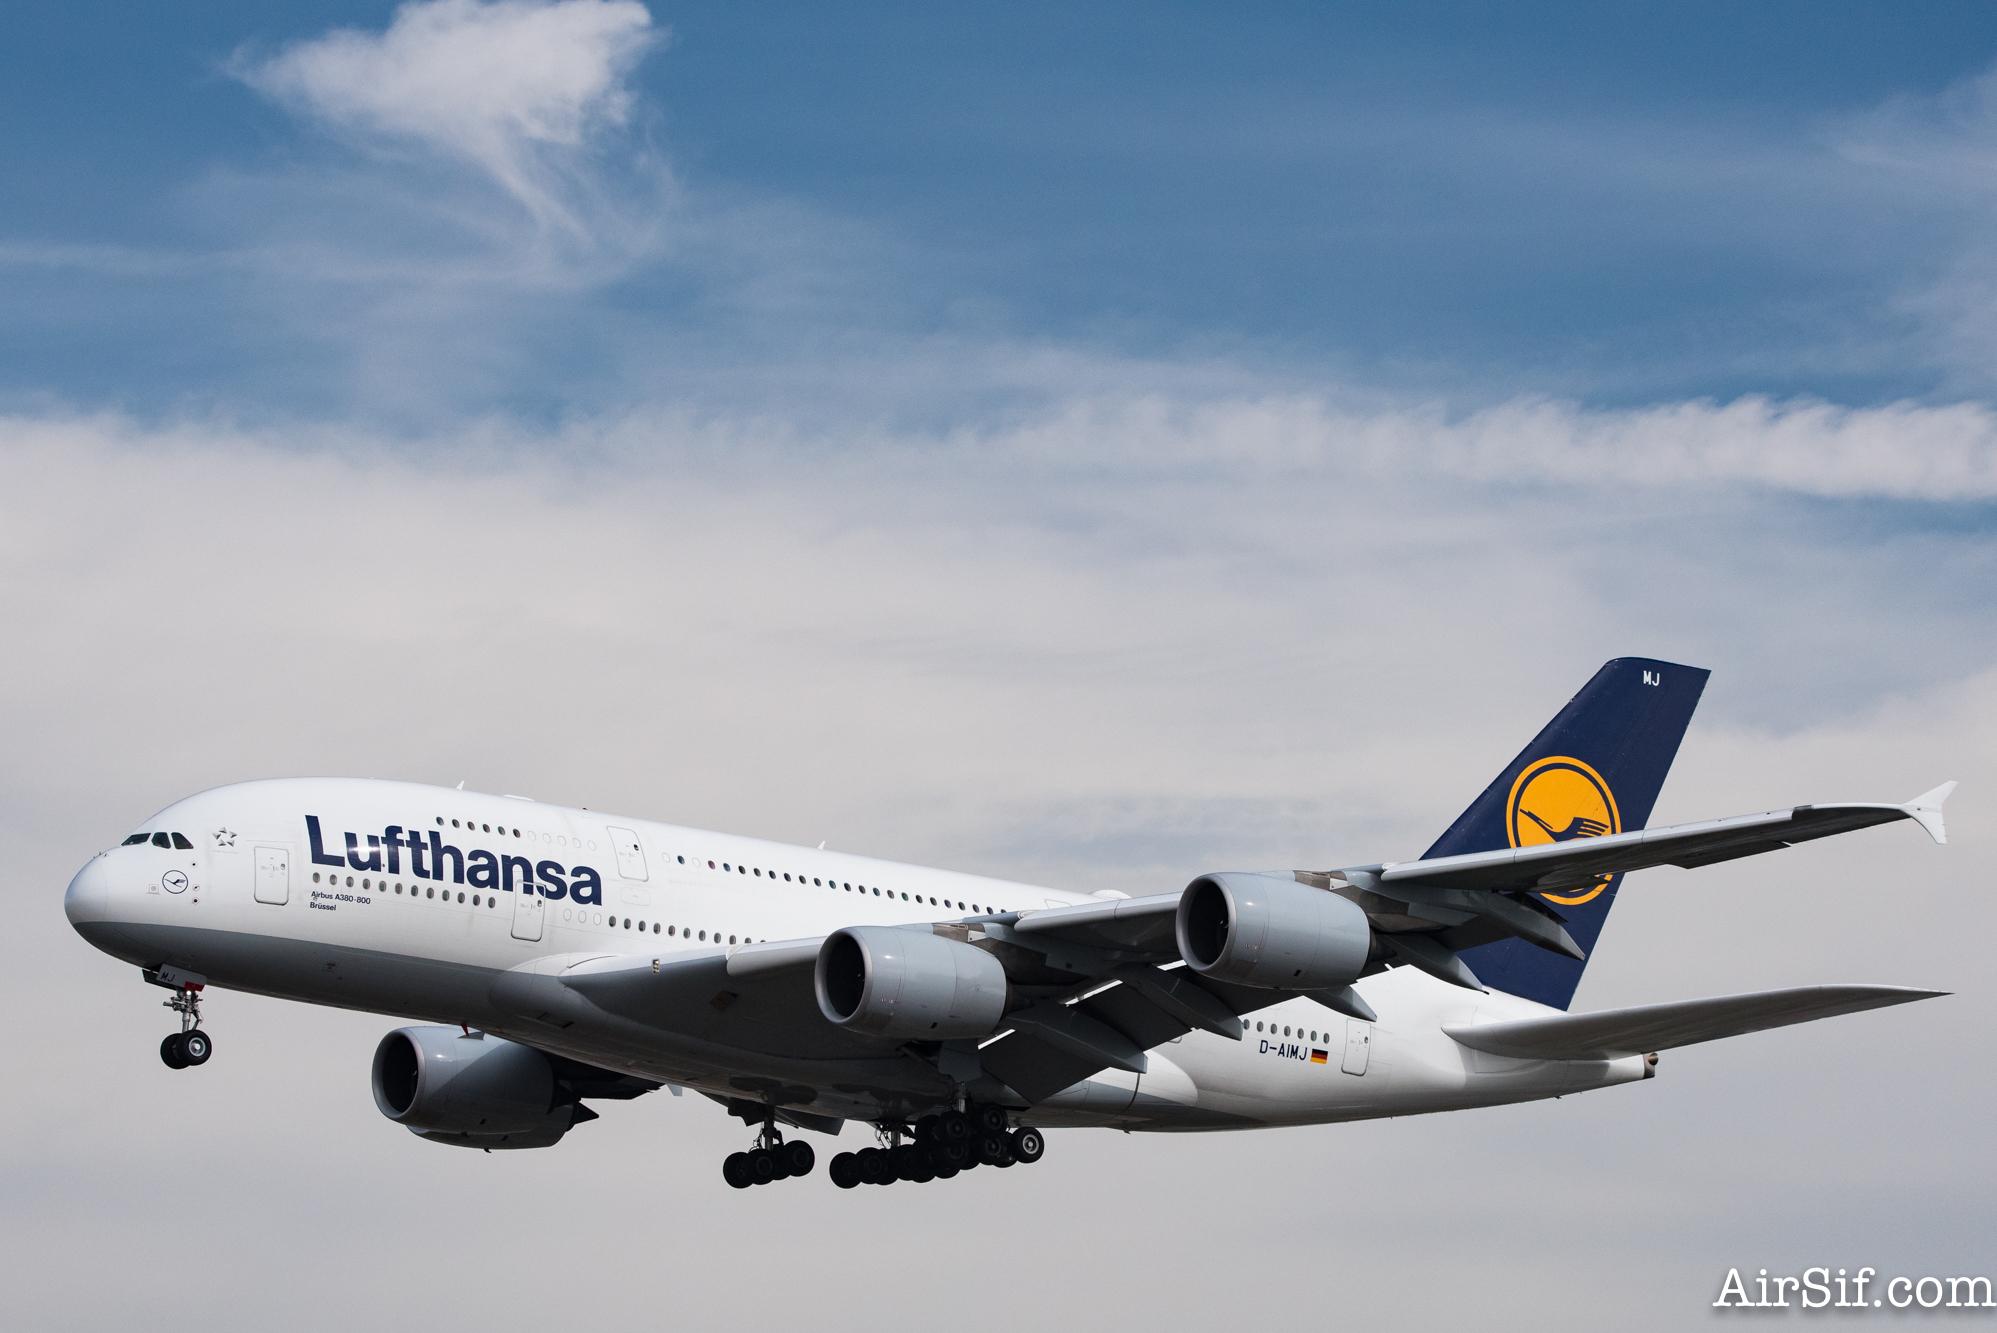 Jeg fløj på præcis dette fly, en Airbus A380 med registreringskoden D-AIMJ